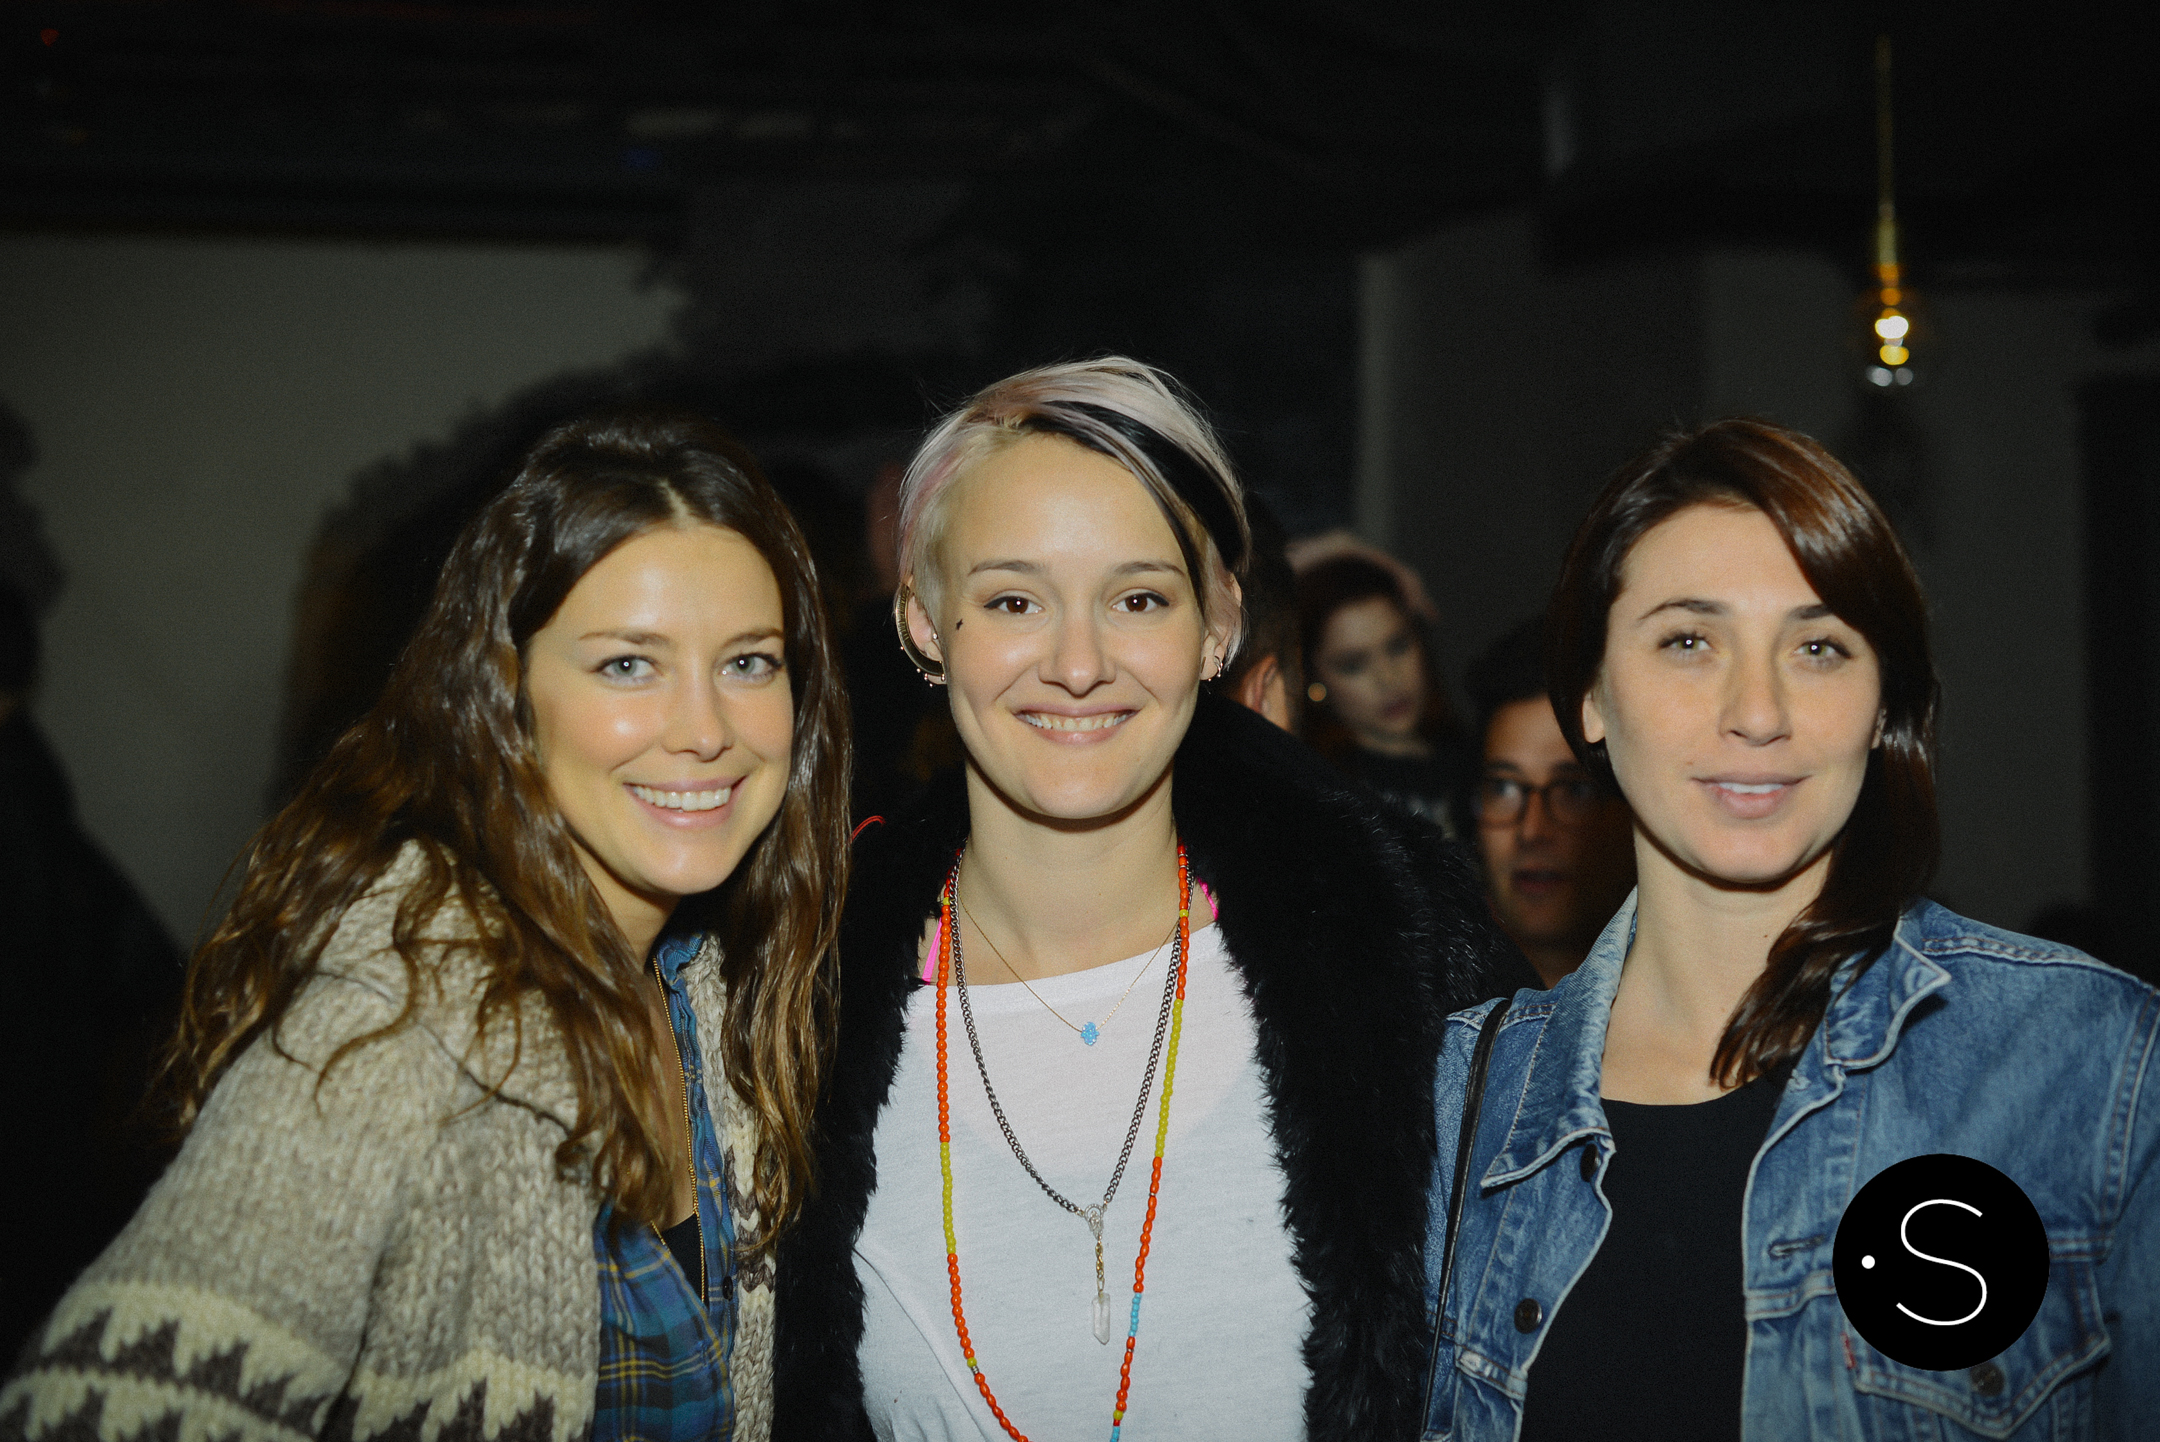 Pap Shirock, Gabriella Caspi and friend